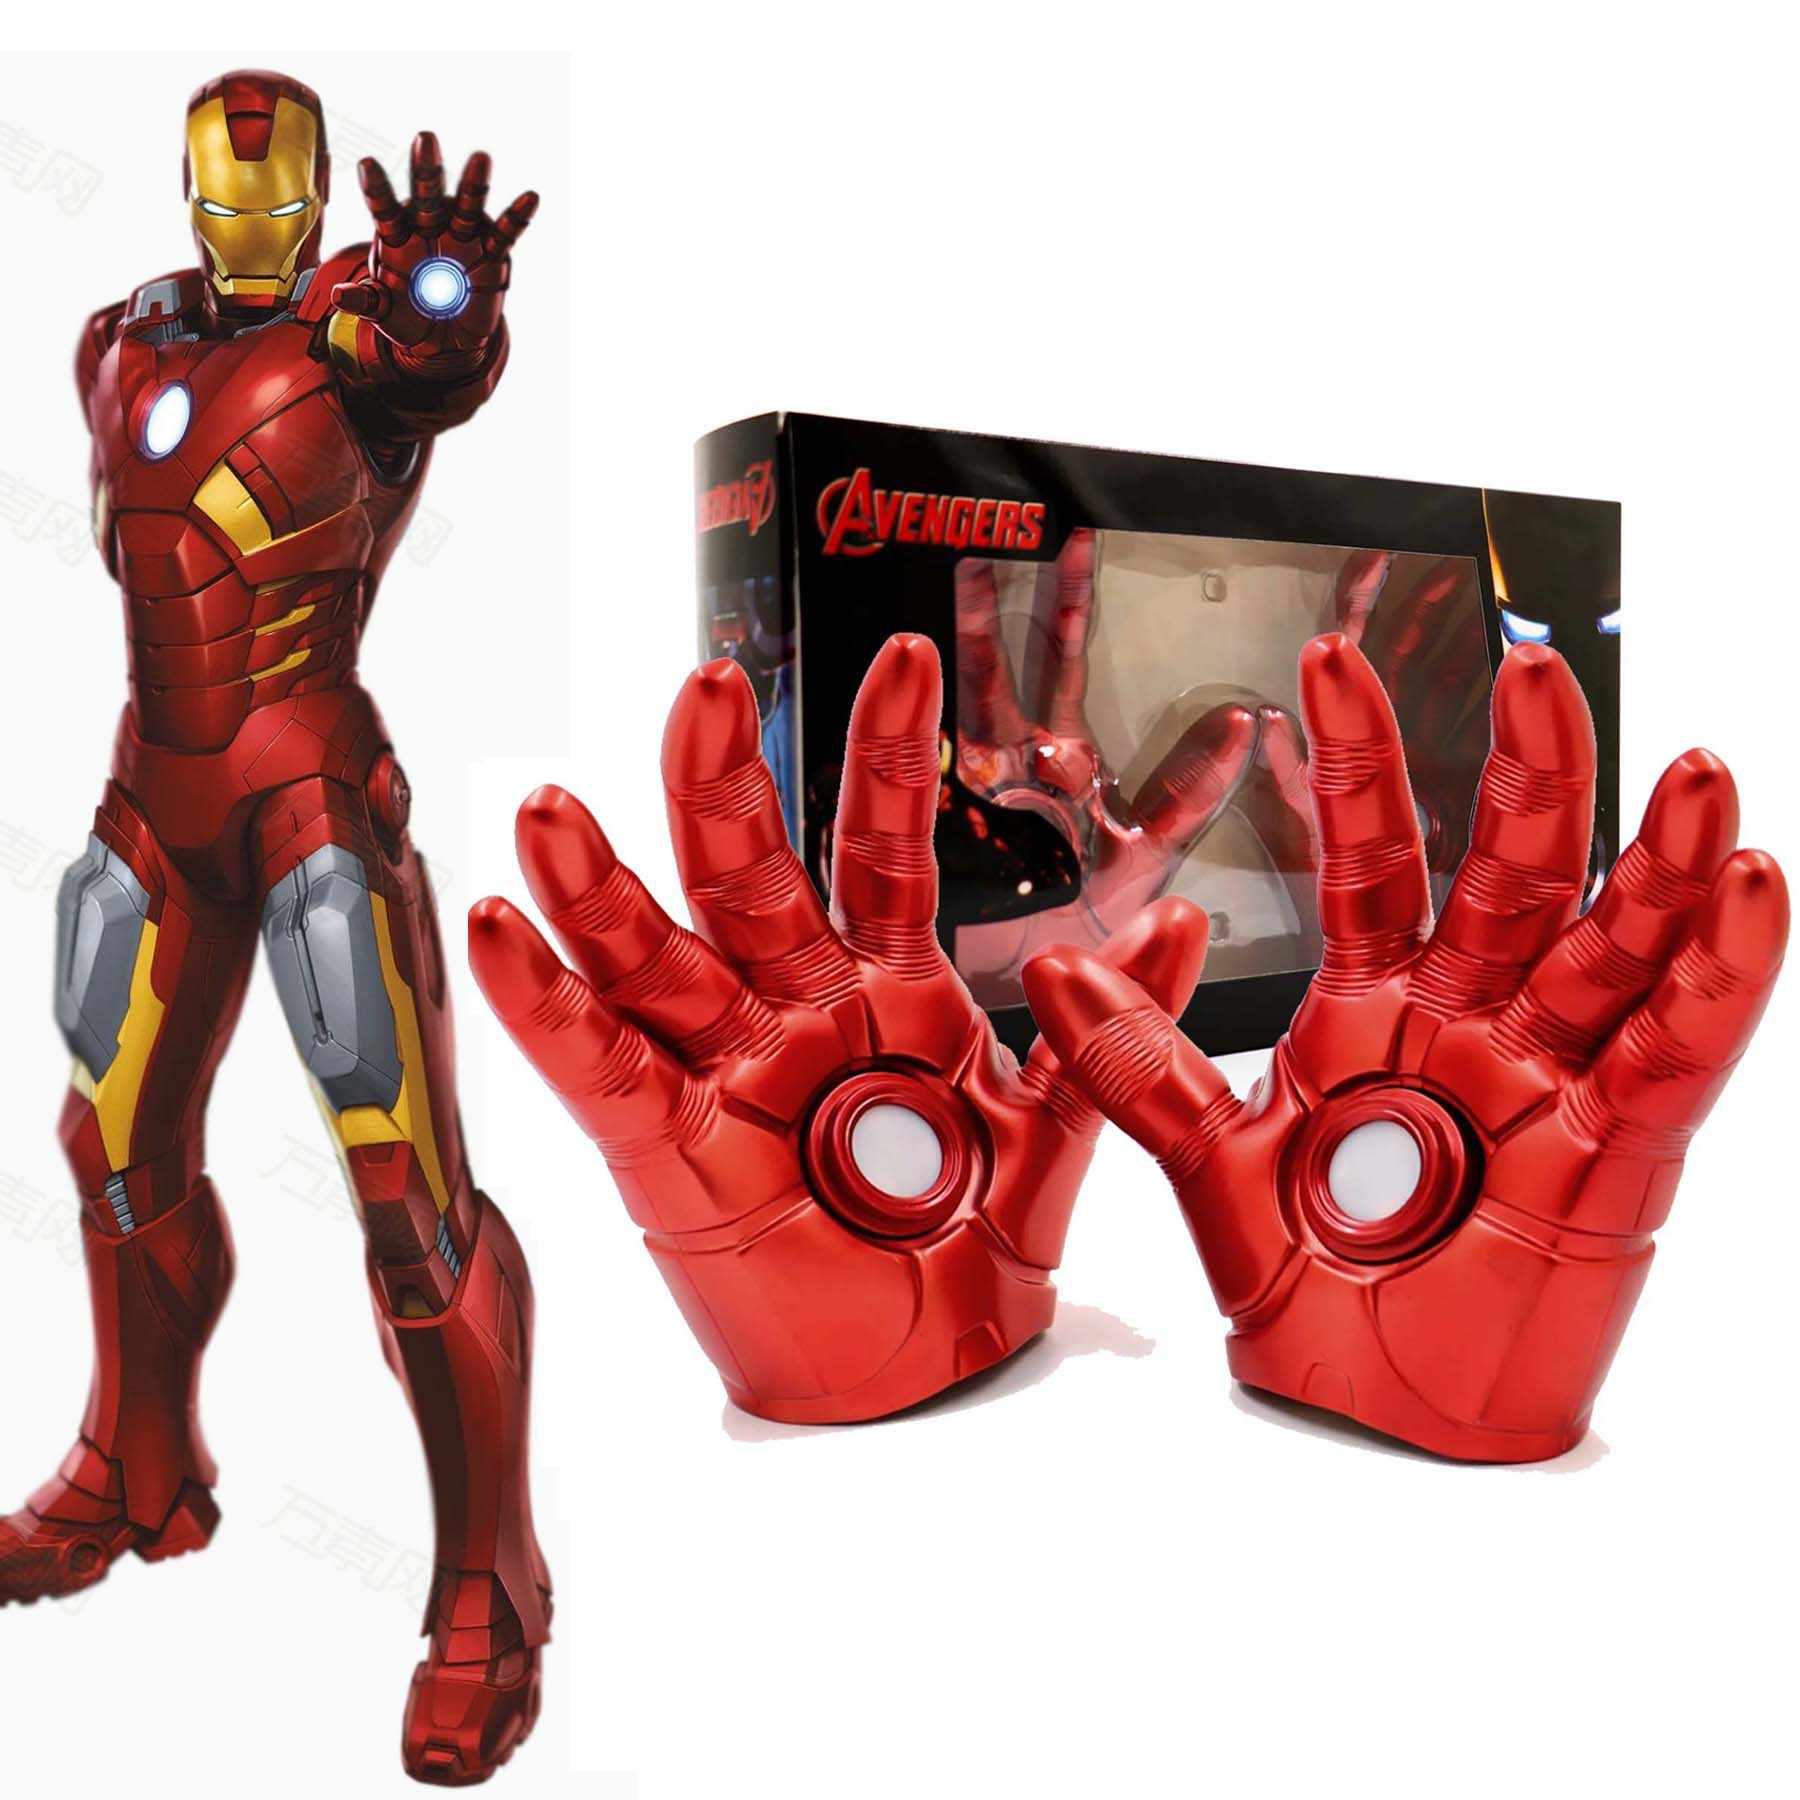 Marvel avengers idade de ultron cosplay homem de ferro luva com luz led pvc brinquedos figura ação móvel para crianças adulto crianças brinquedo